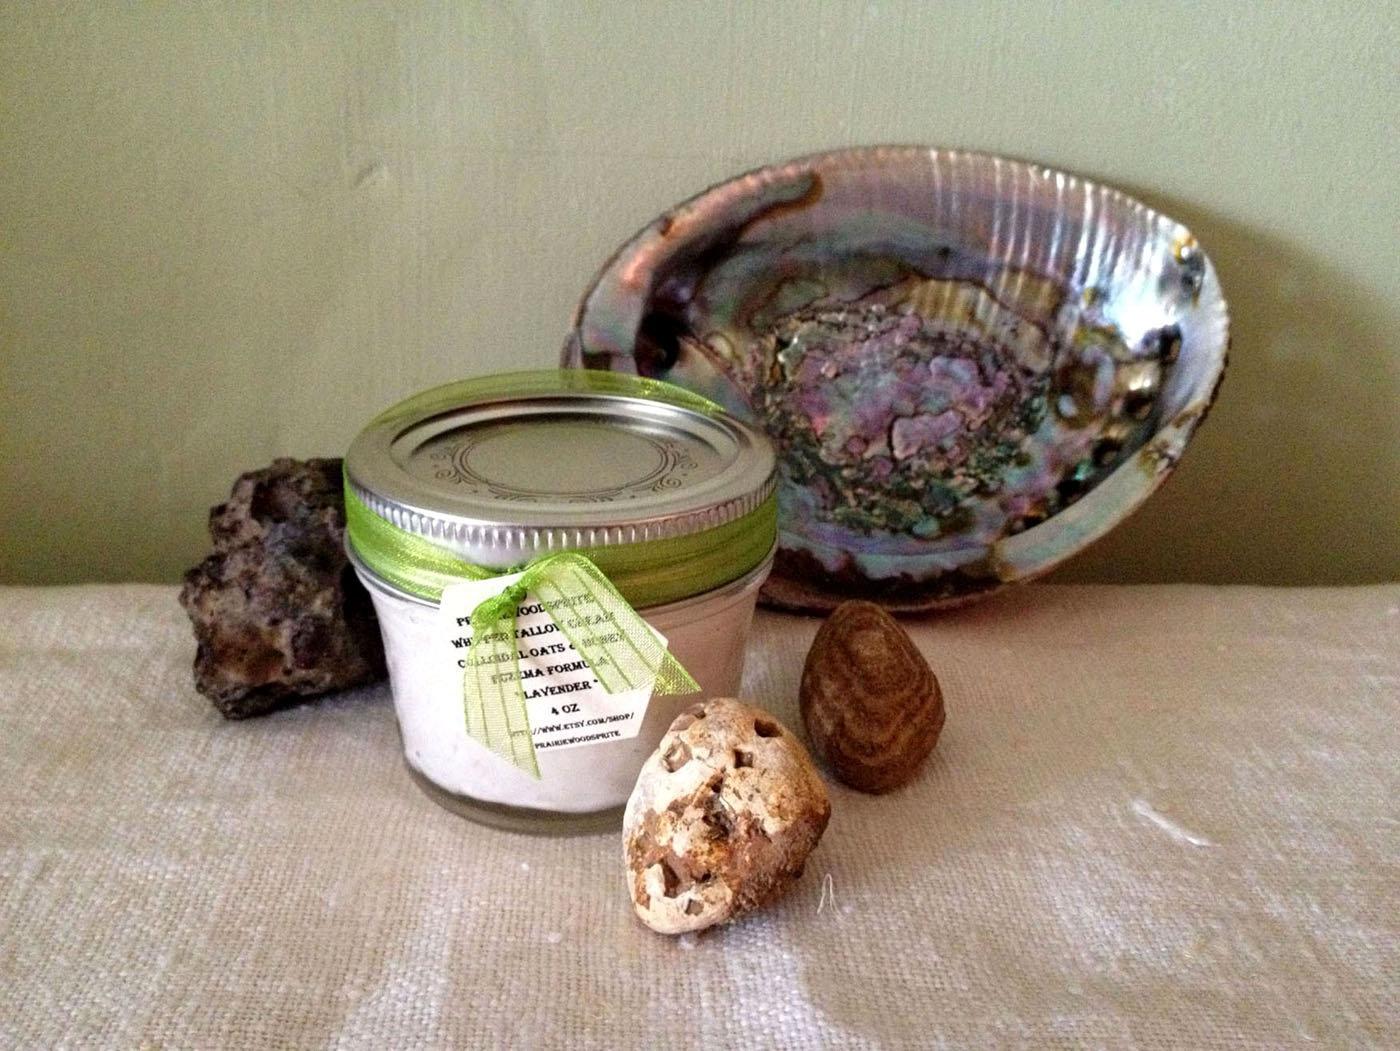 Jake's Blend Buffalo & Mutton Tallow Cream - Workman's Healing Hands Blend 4oz - image 2